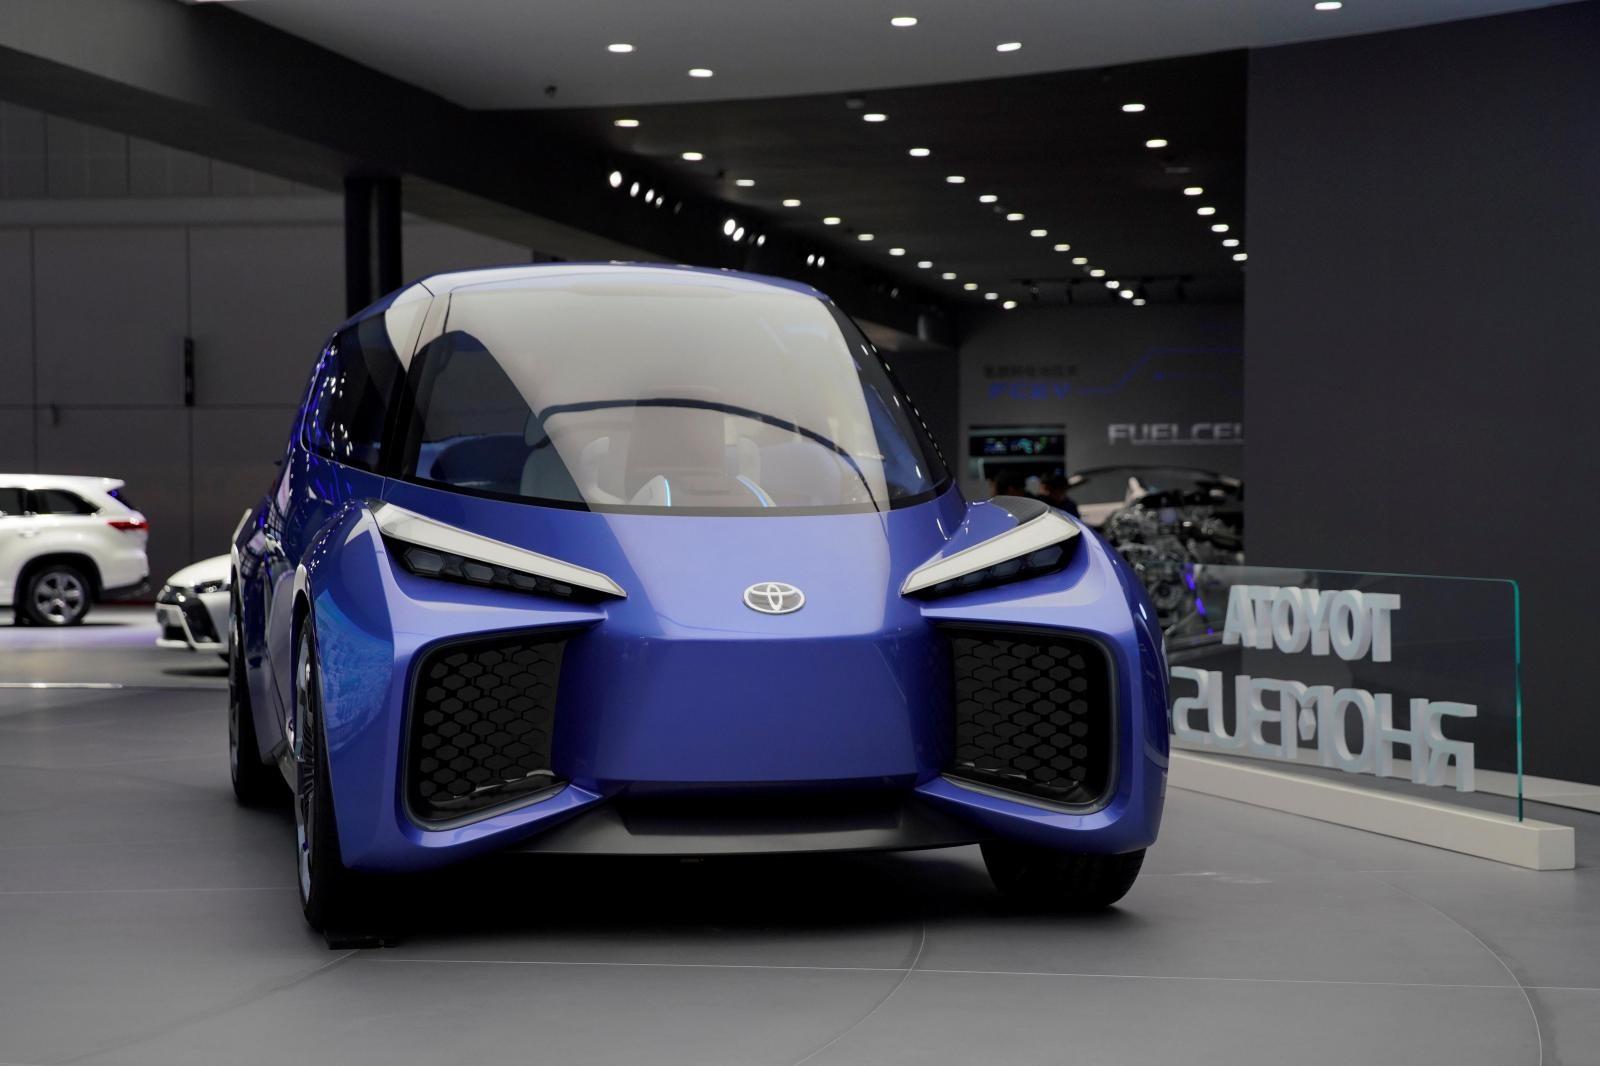 Mẫu xe điện concept Toyota Rhombus được trưng bày ở Triển lãm Ô tô Thượng Hải 2019